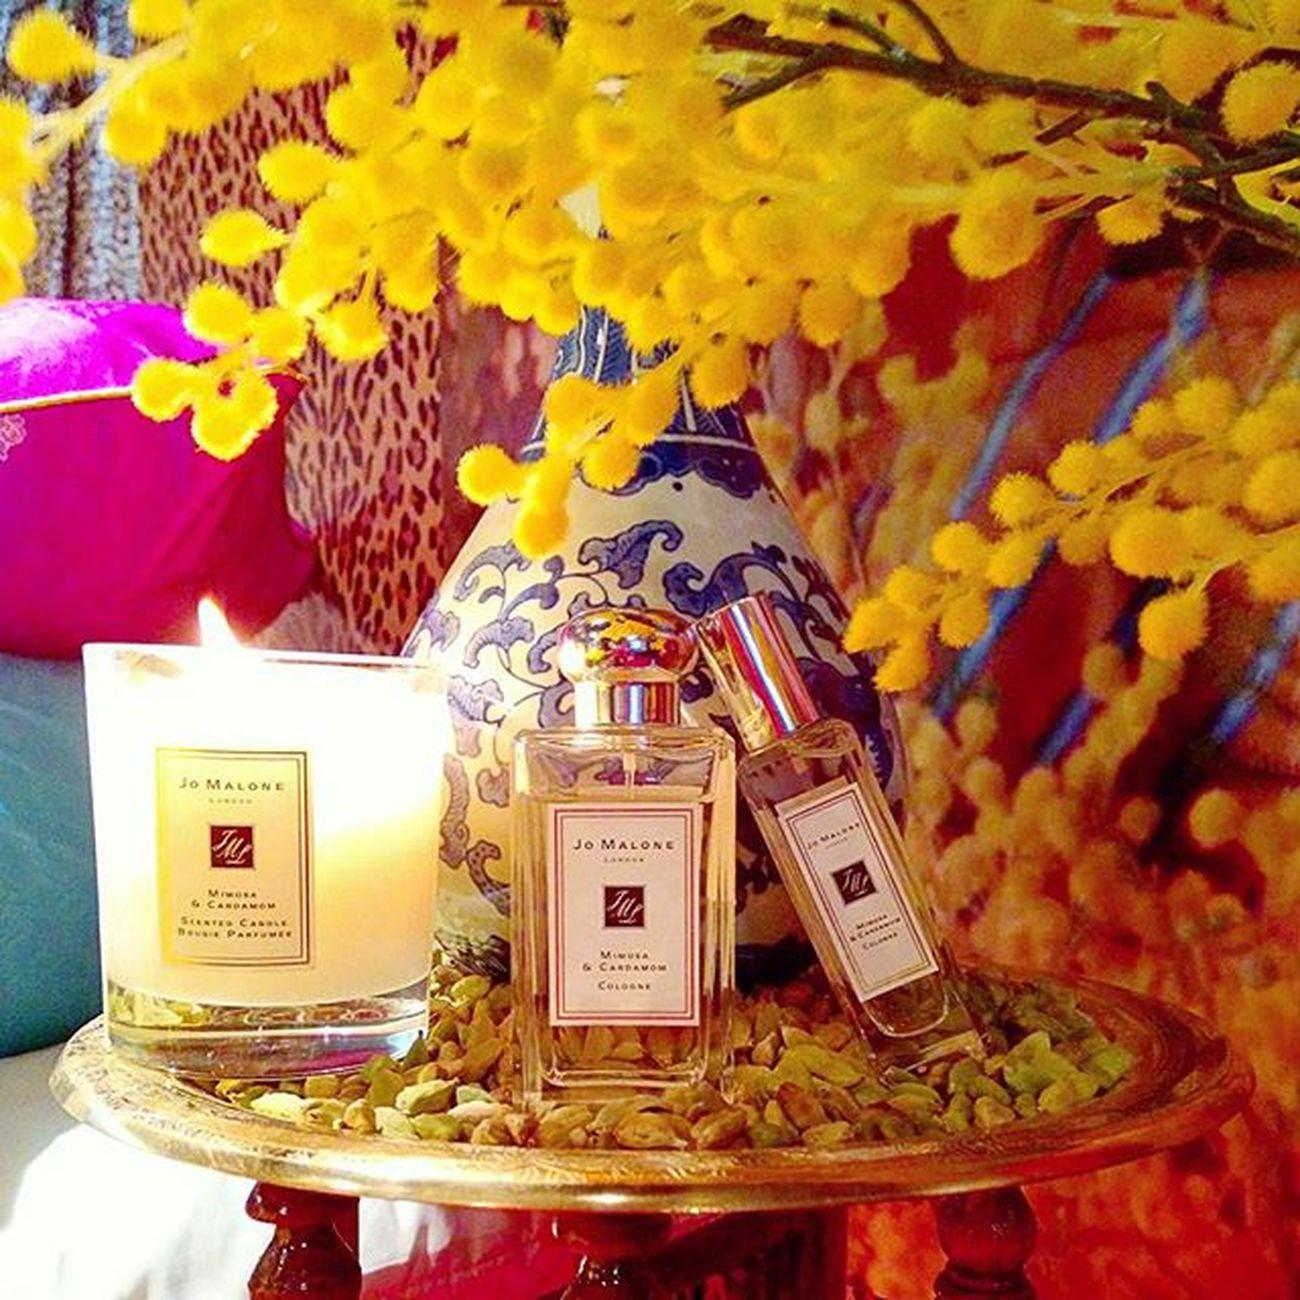 十分適合明亮秋光下的香味,是波希米亞式說走就走的灑脫。Jo Malone London Mimosa & Cardamom含羞草與小荳蔻。Jomalonelondon Mimosa Cardamom Newbohemian Bohemian Autumnlight Perfume Mobile01 愛曼達